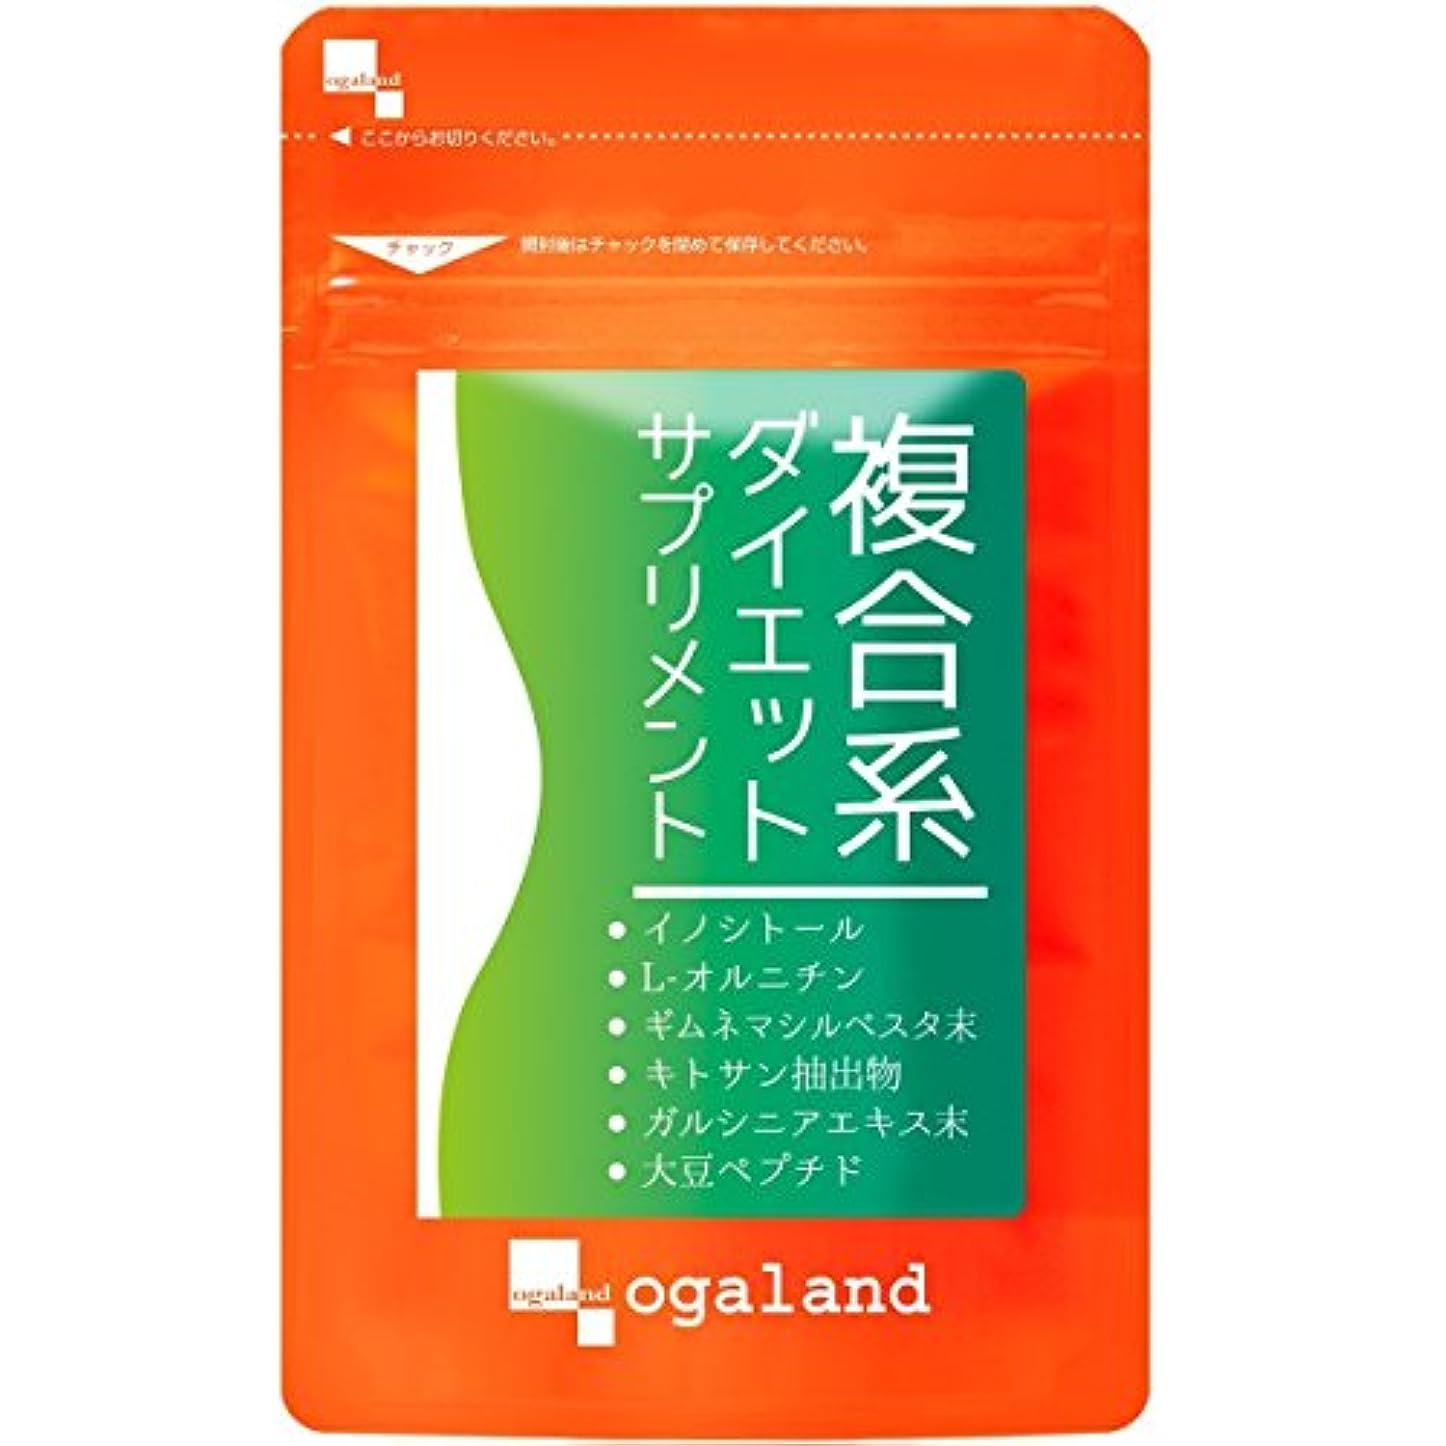 羨望おもしろい回転【Amazon.co.jp限定】複合系ダイエットサプリメント 90粒